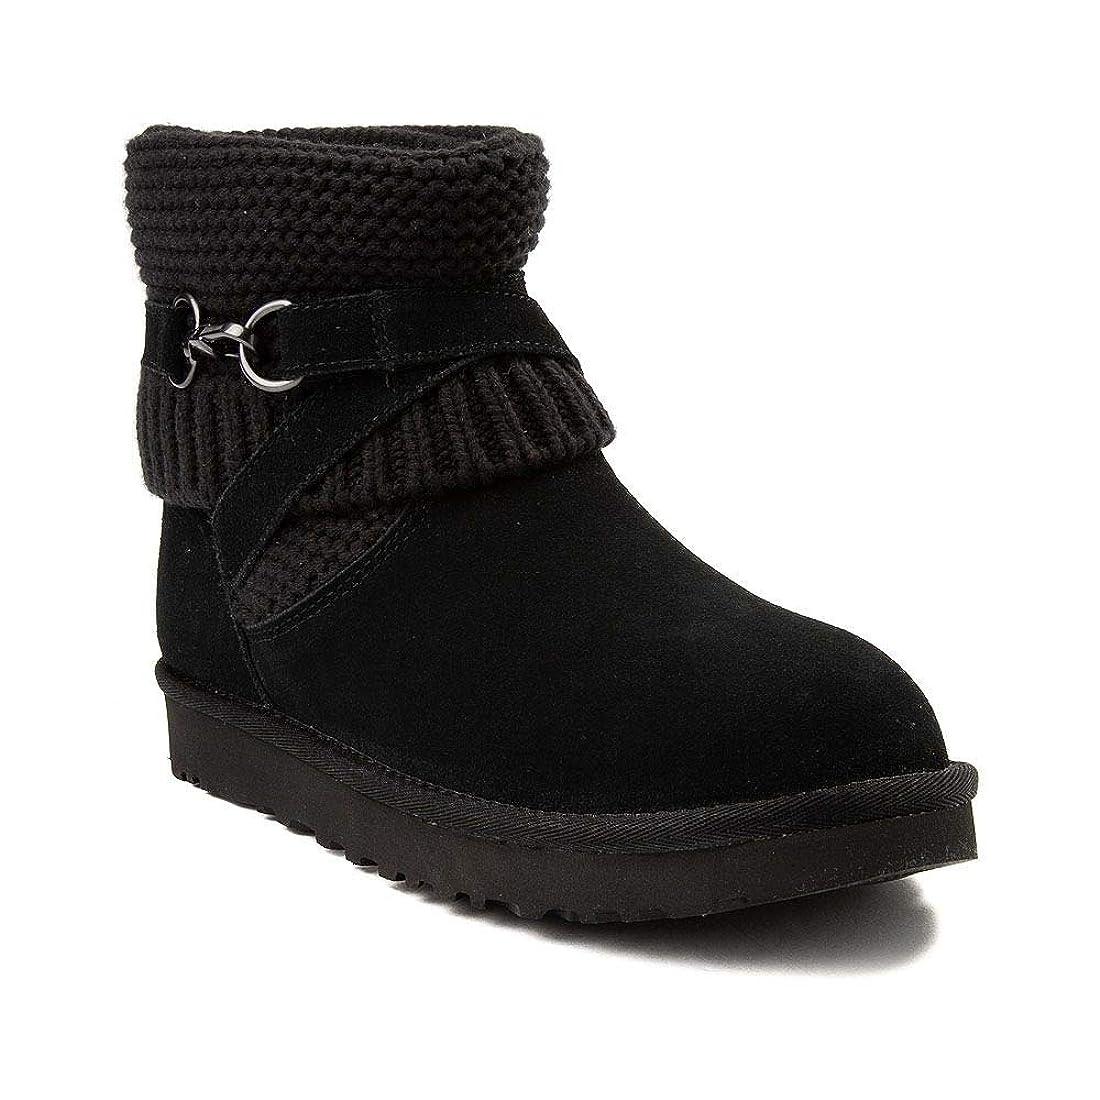 はい告白広告[UGG(アグ)] 靴?シューズ レディースブーツ Womens UGG Purl Strap Boot [並行輸入品]